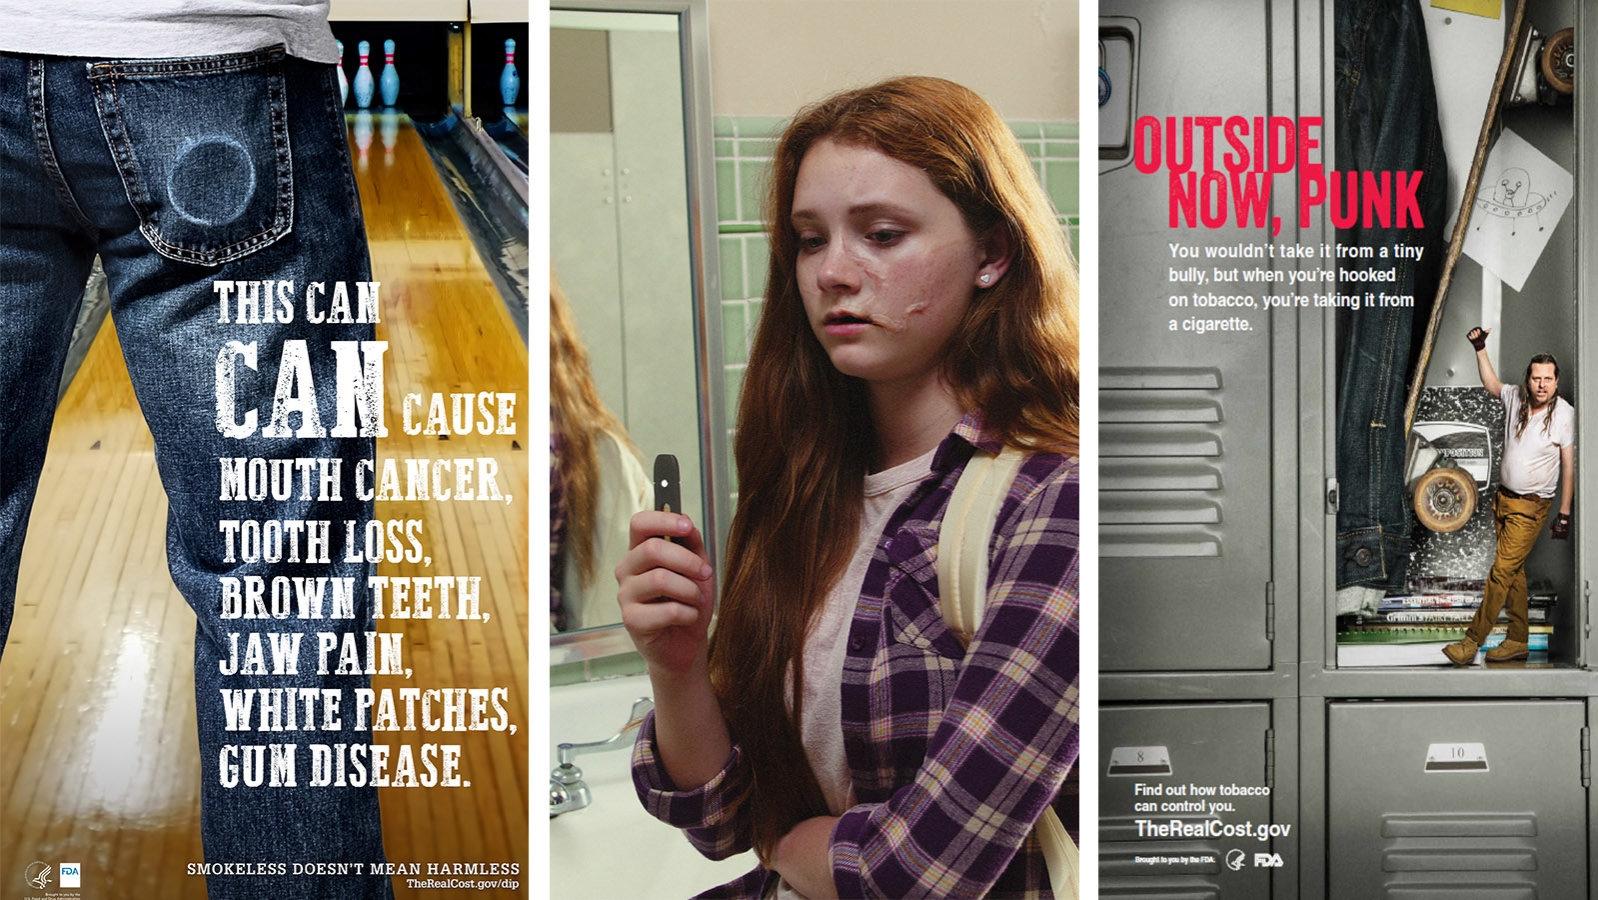 FDA targets teens with e-cigarette prevention ads | DeviceDaily.com